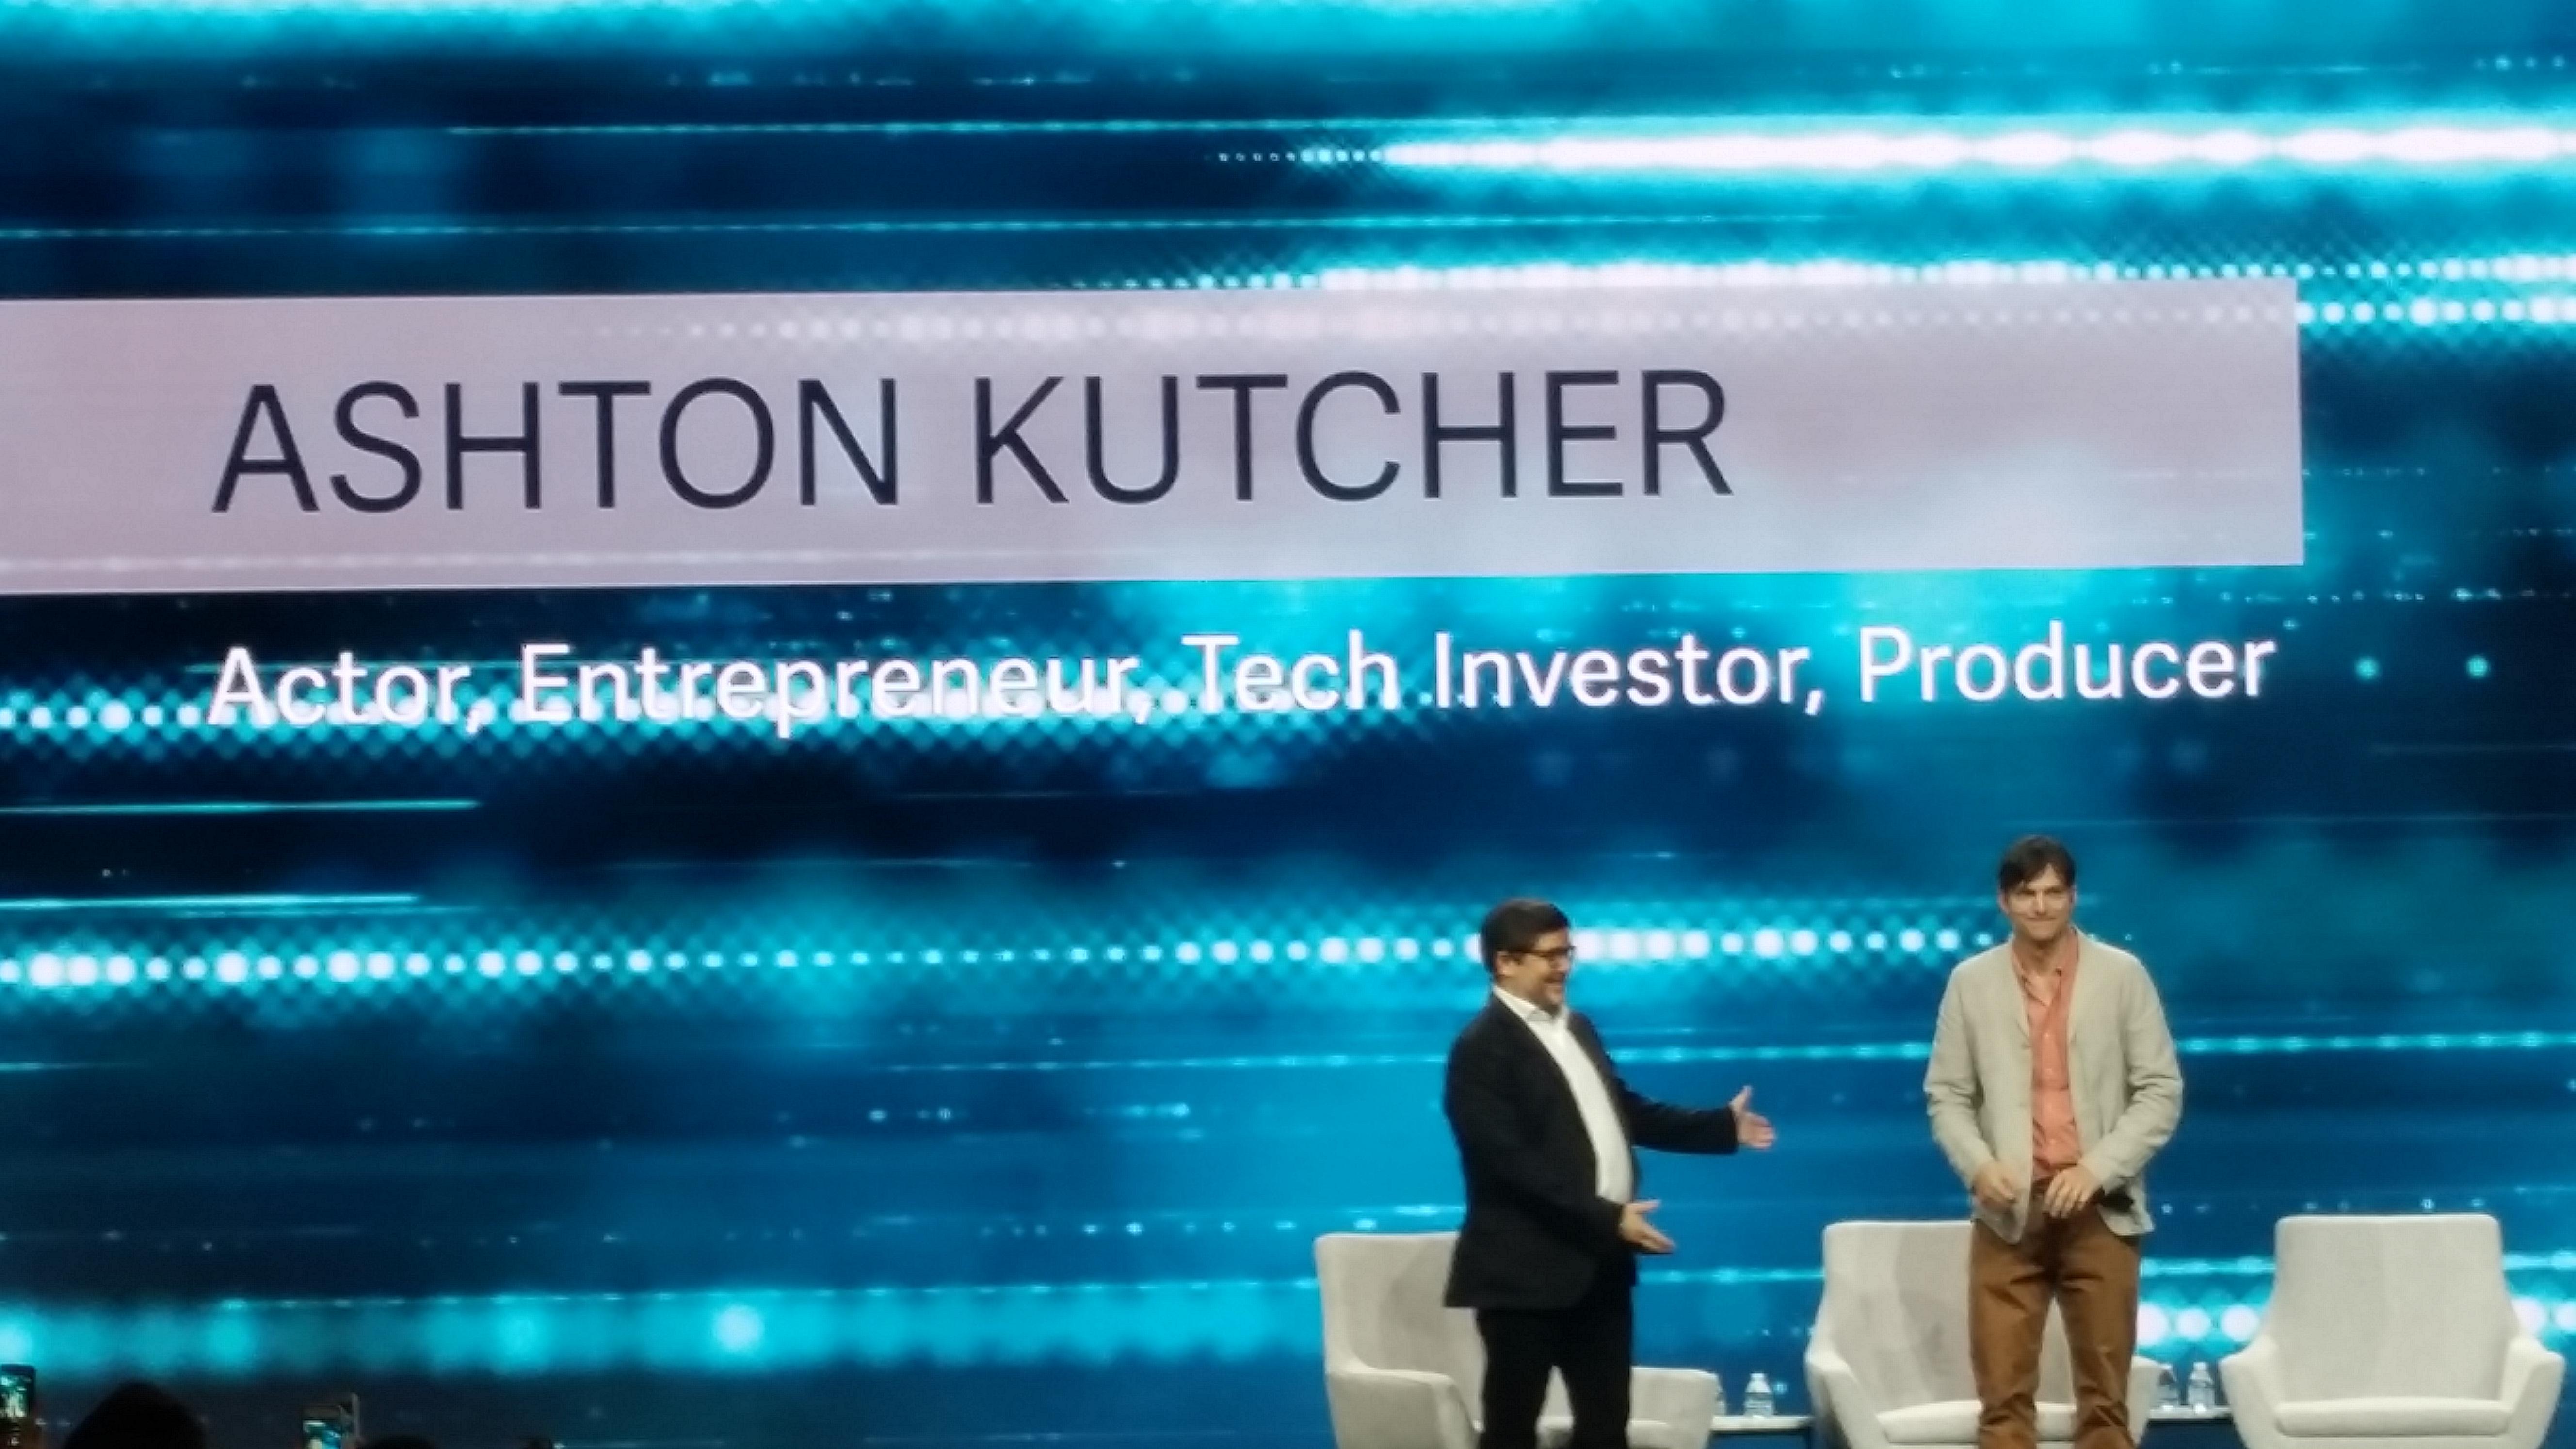 Ashton Kutcher's fascinating transition from TV prankster to respected investor